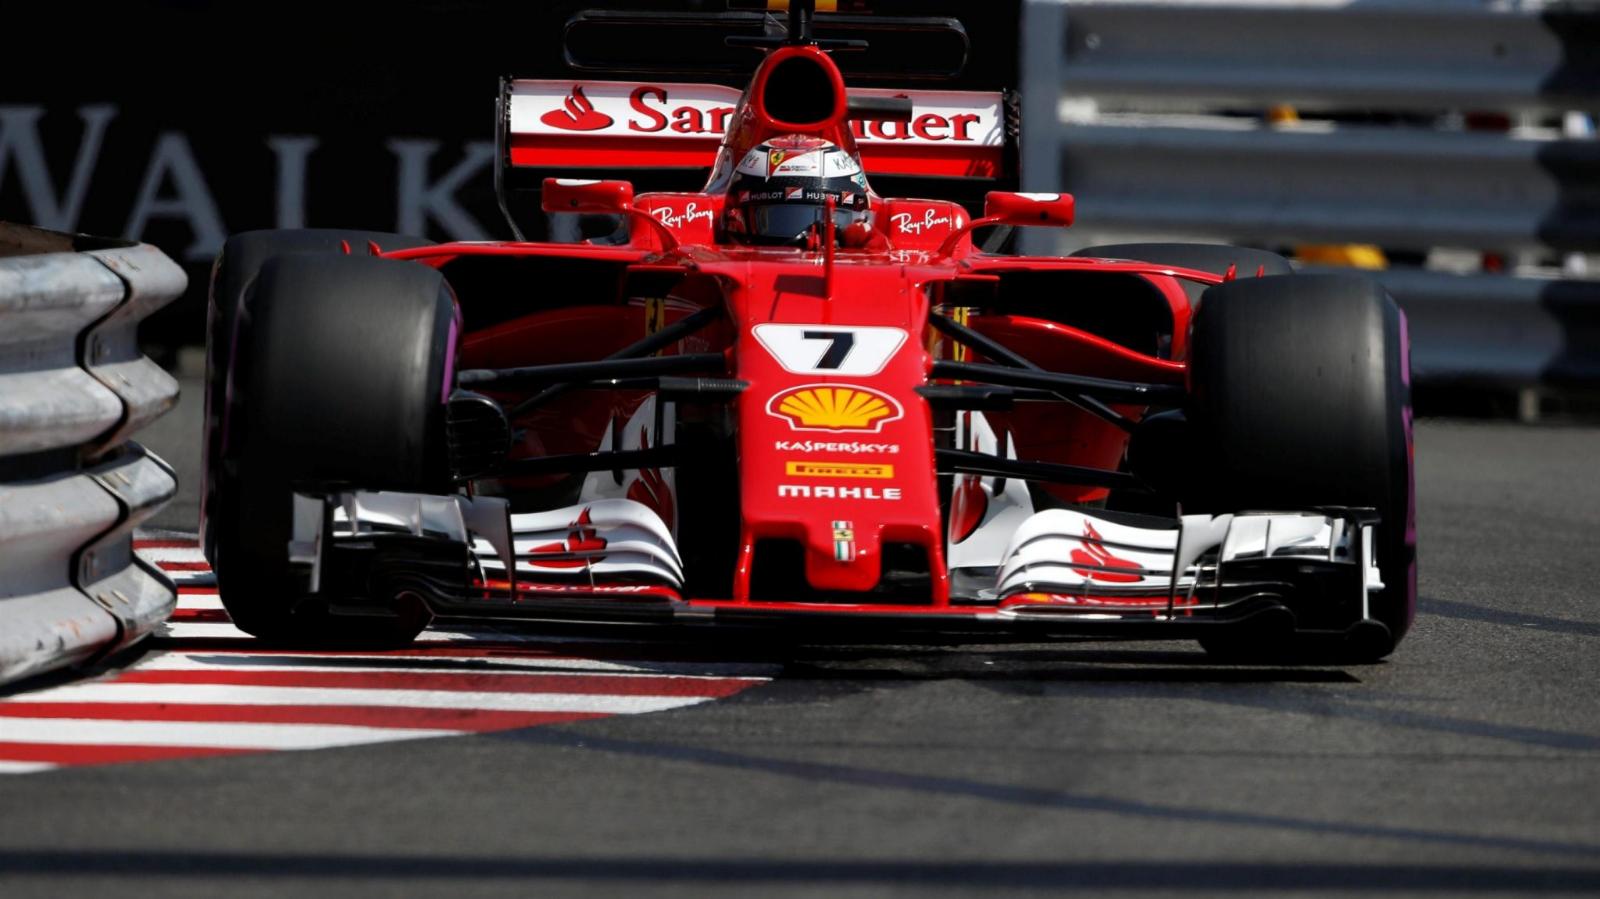 Raikkonen 2nd Gp Monaco 2017 1:18 Model BBR Ferrari Sf70-h Scuderia Ferrari K